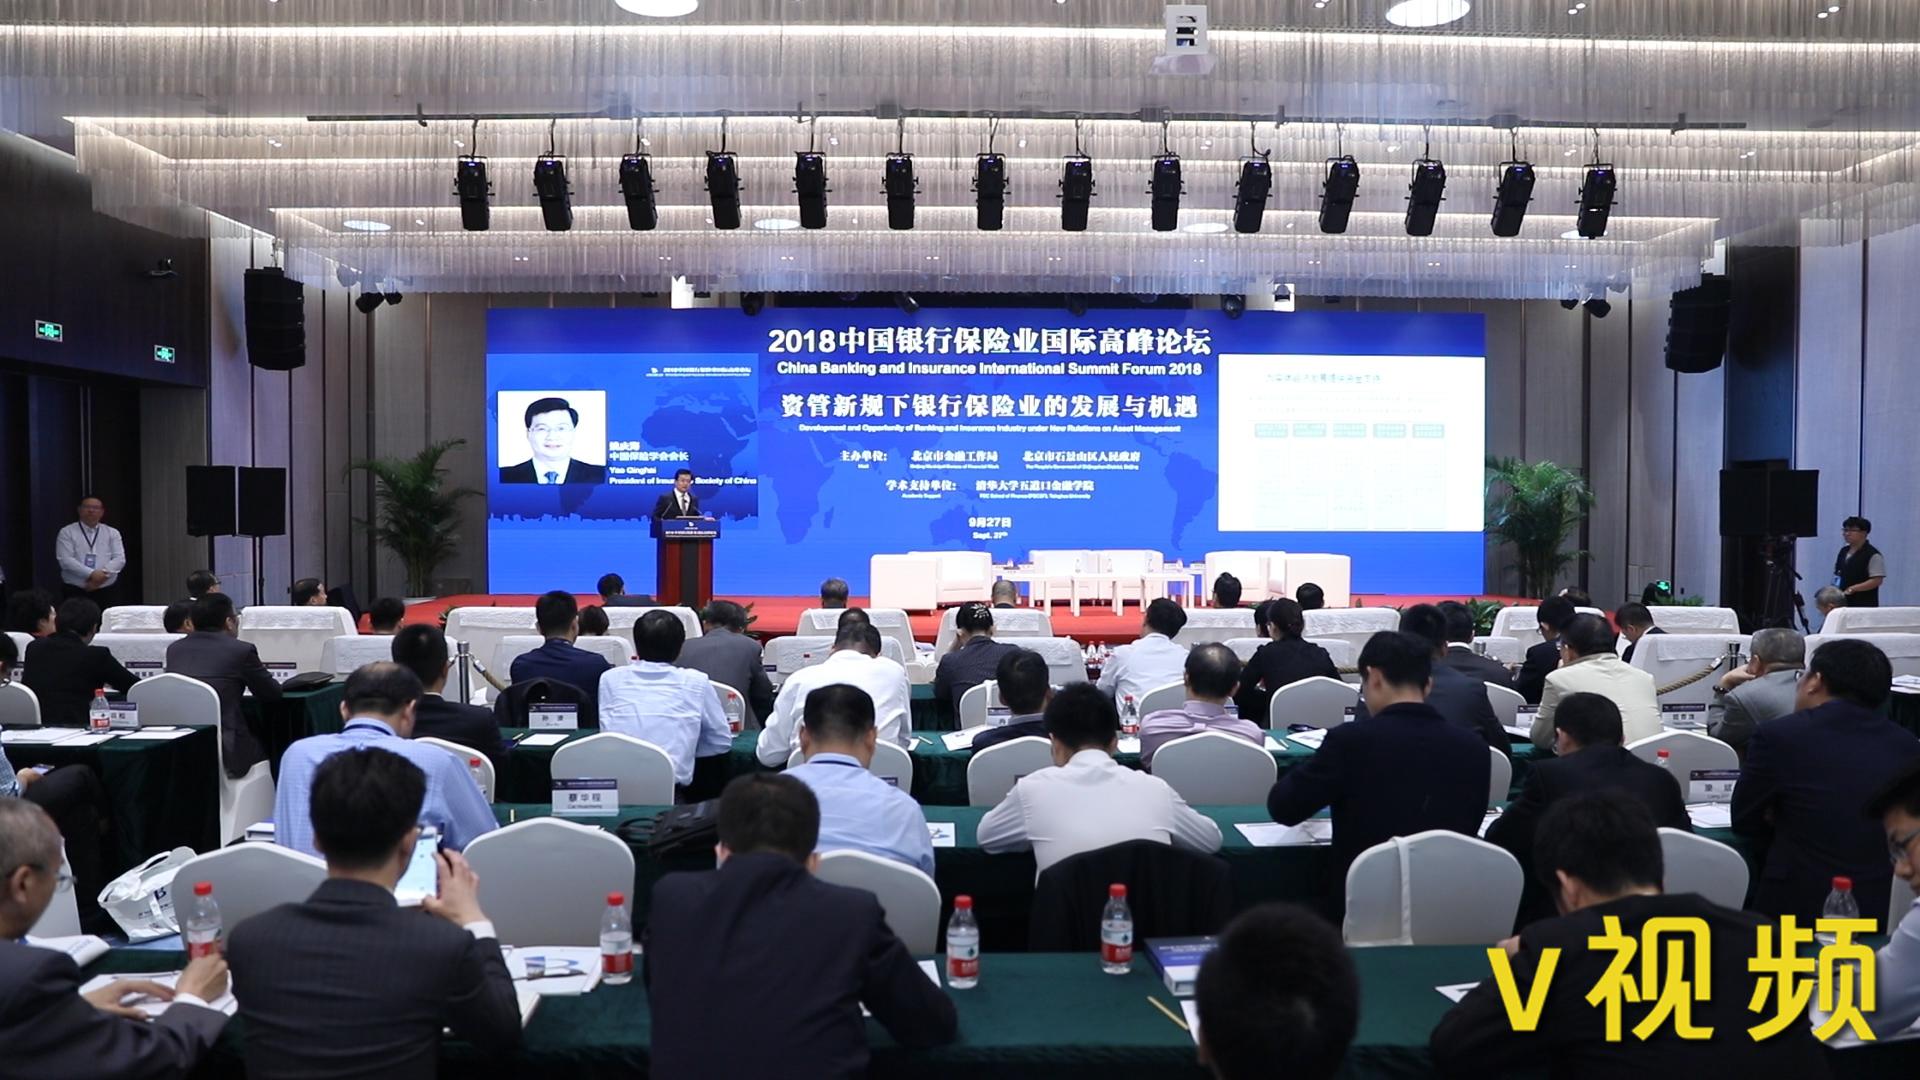 首屆銀行保險業國際論壇在北京舉辦.jpg